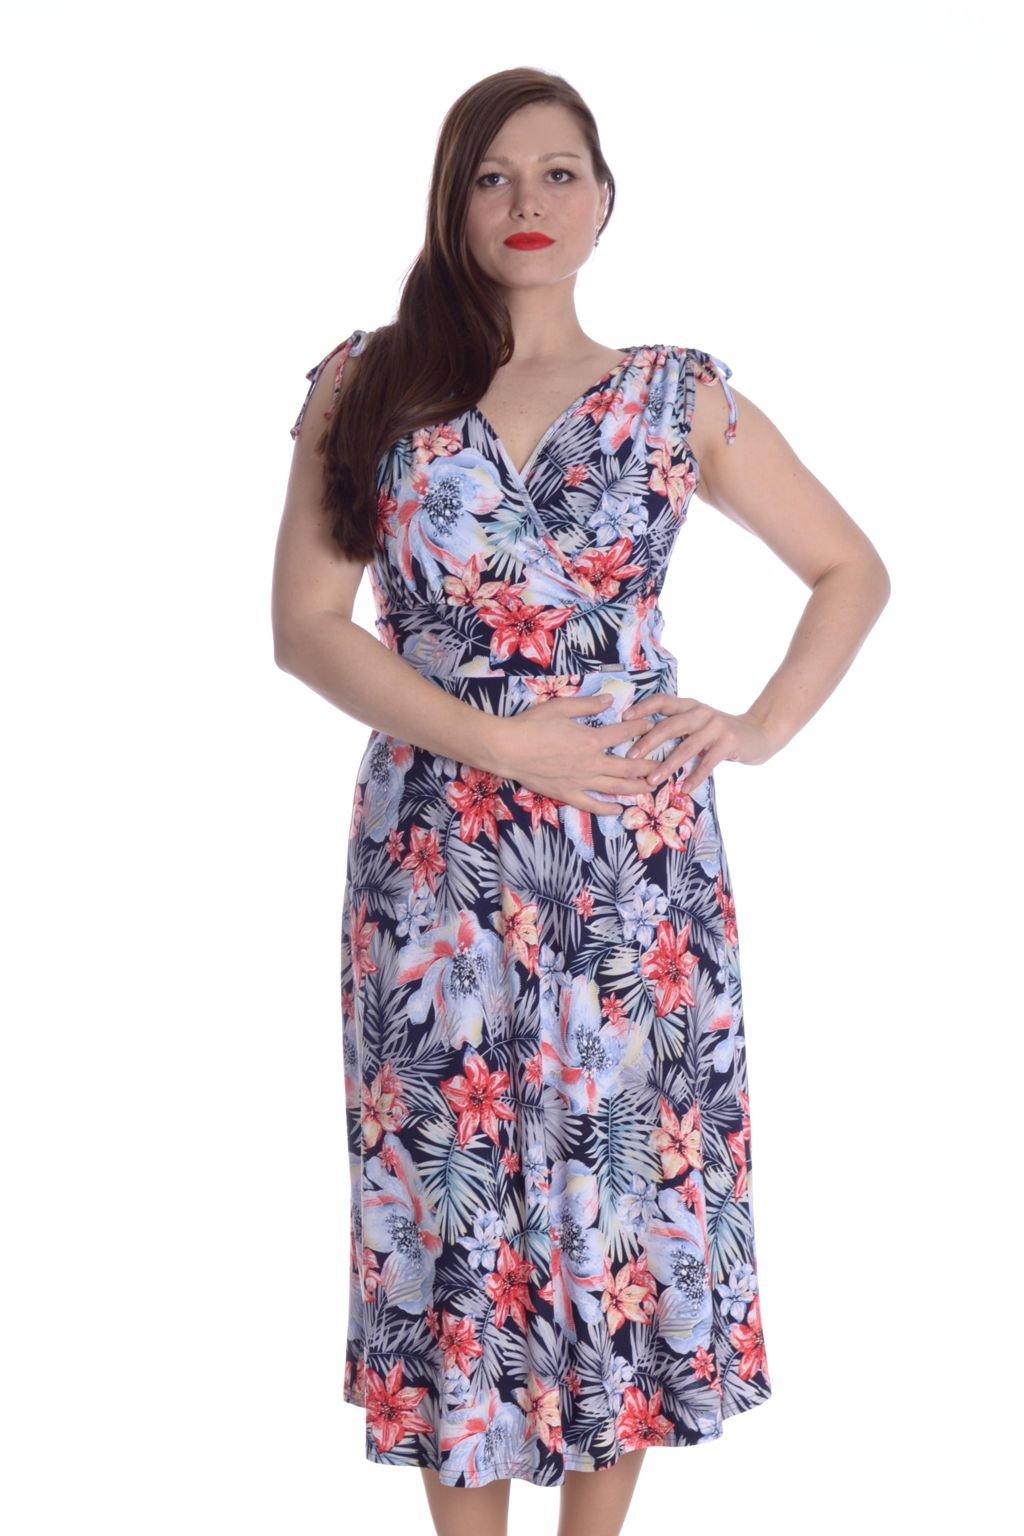 4621 Šaty Venus květy 1 (2)